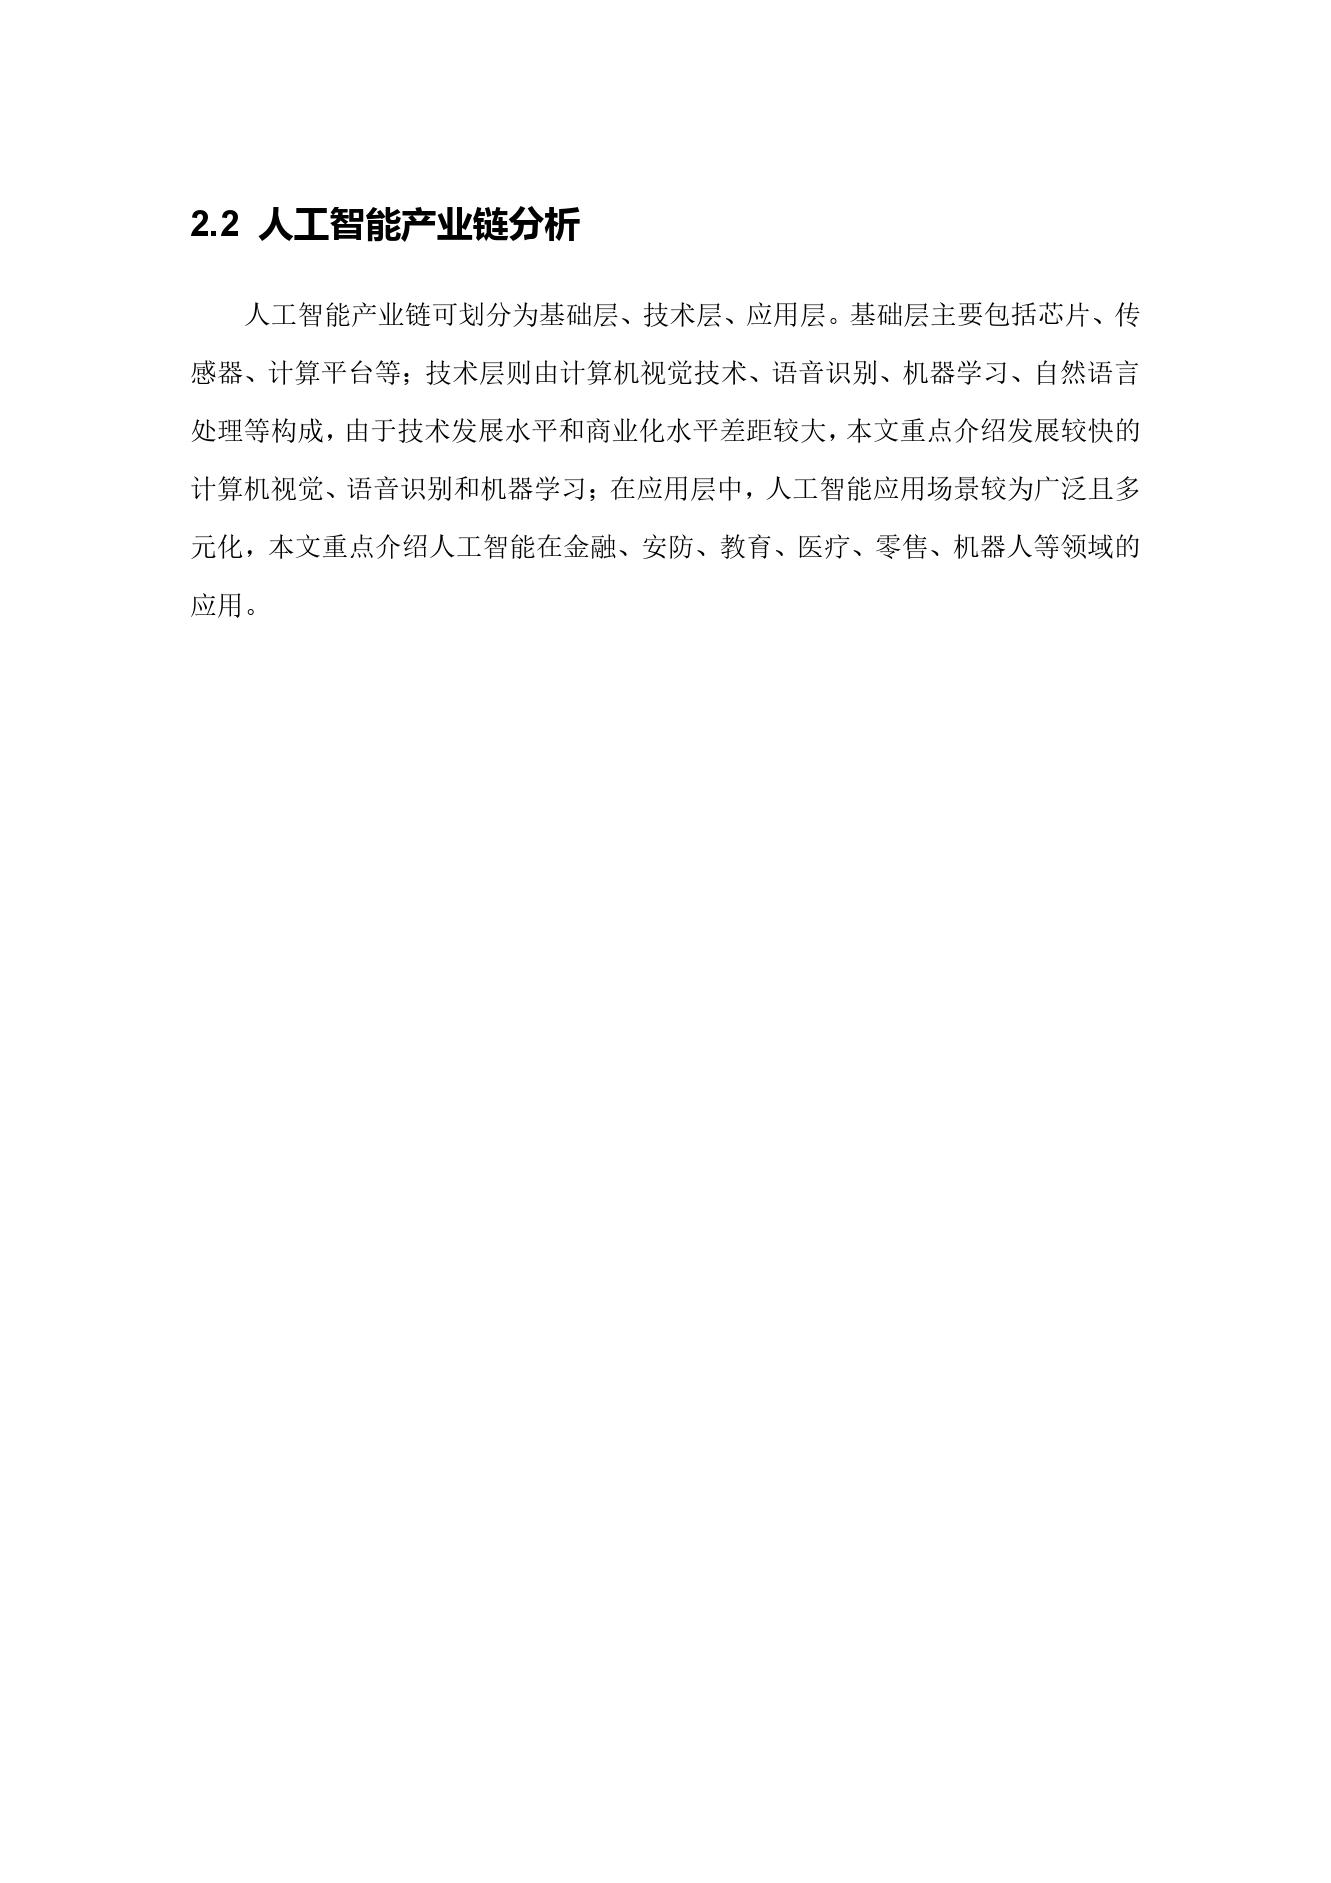 36氪研究院:2020年中国城市人工智能发展指数报告(可下载报告)插图(25)